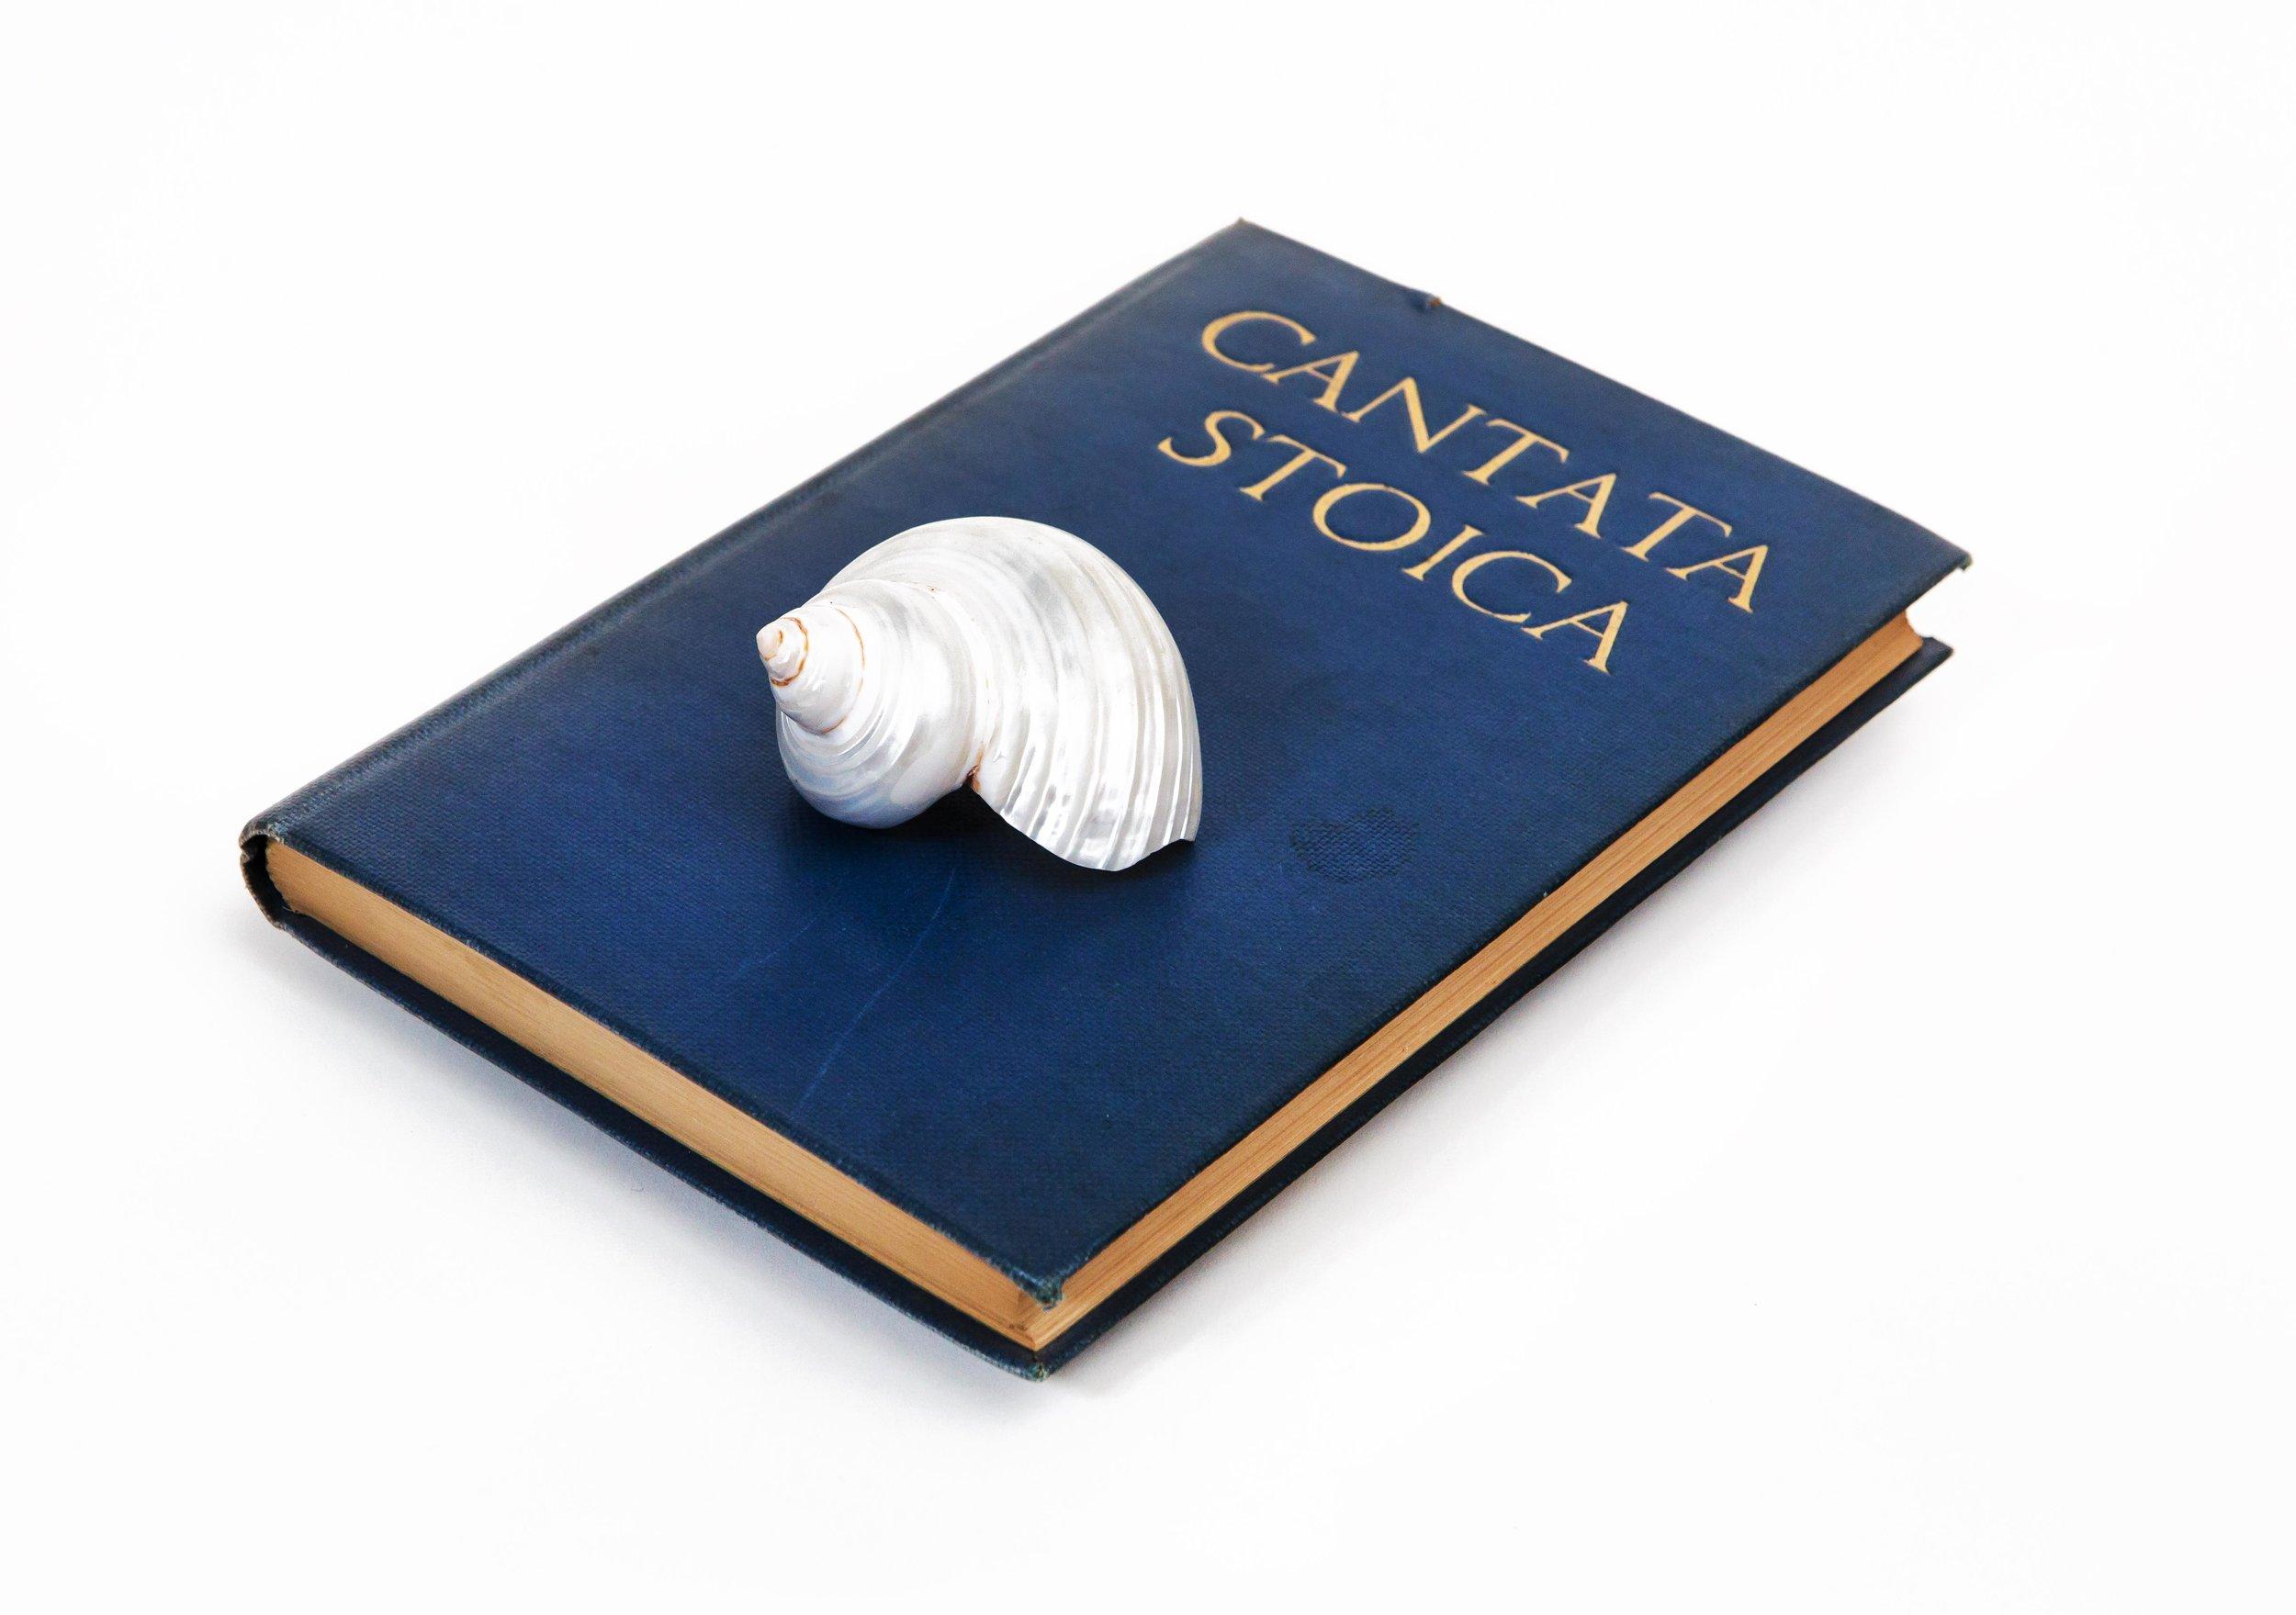 Cantata Stoica